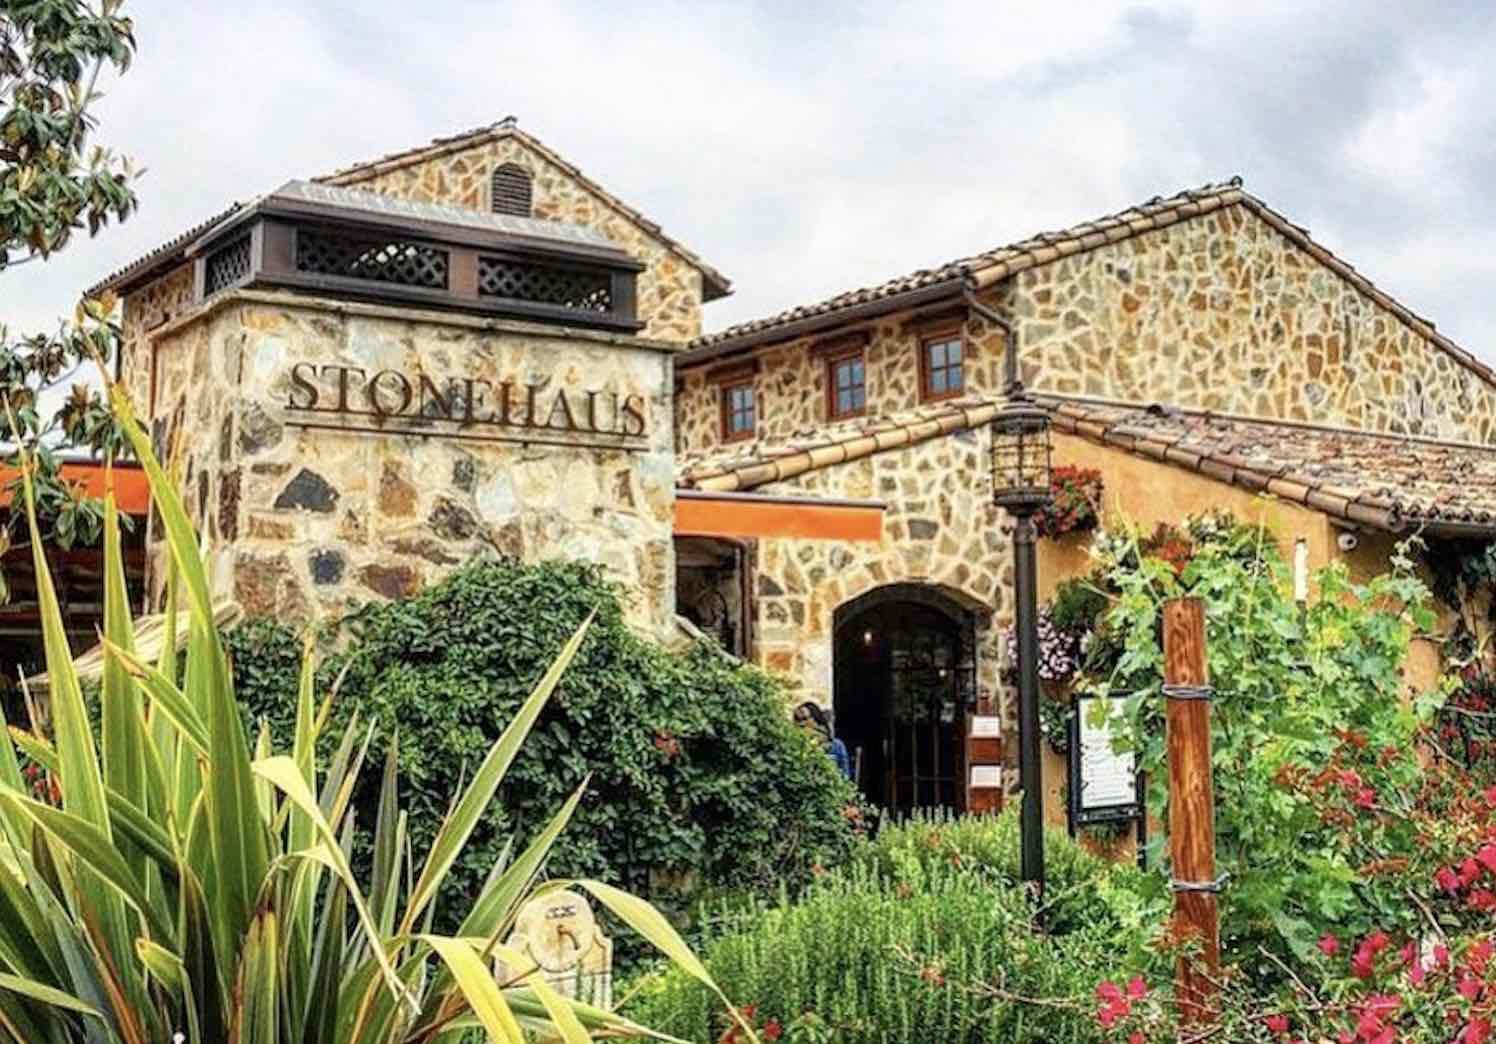 StoneHaus Westlake Village Inn outdoor patio extiero view of one of the best Westlake Village restaurants